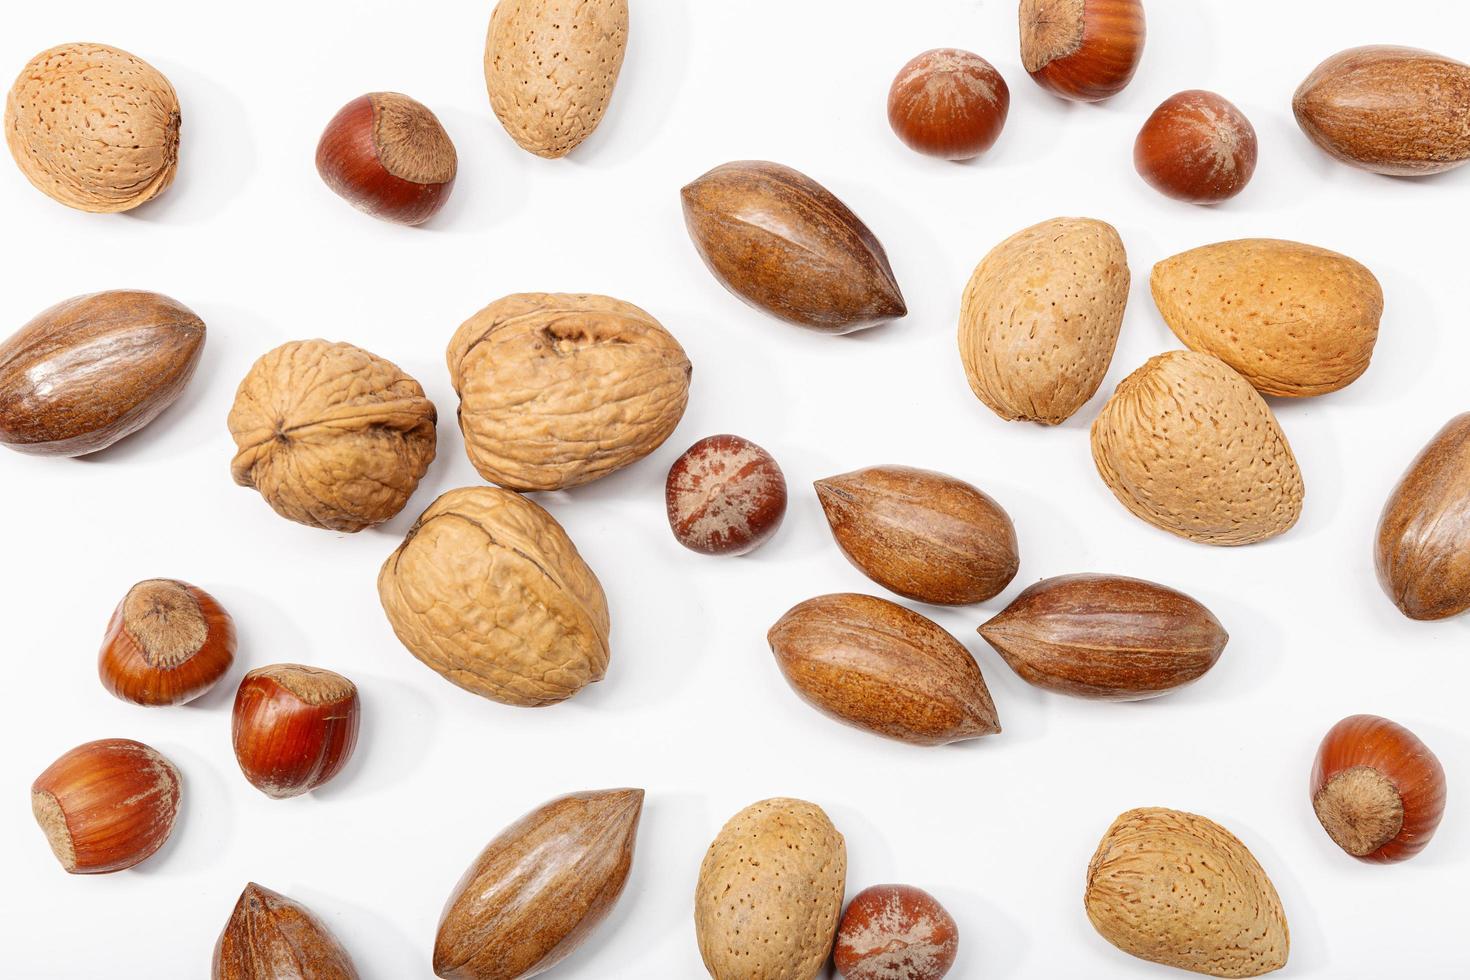 een verscheidenheid aan noten op een witte achtergrond foto